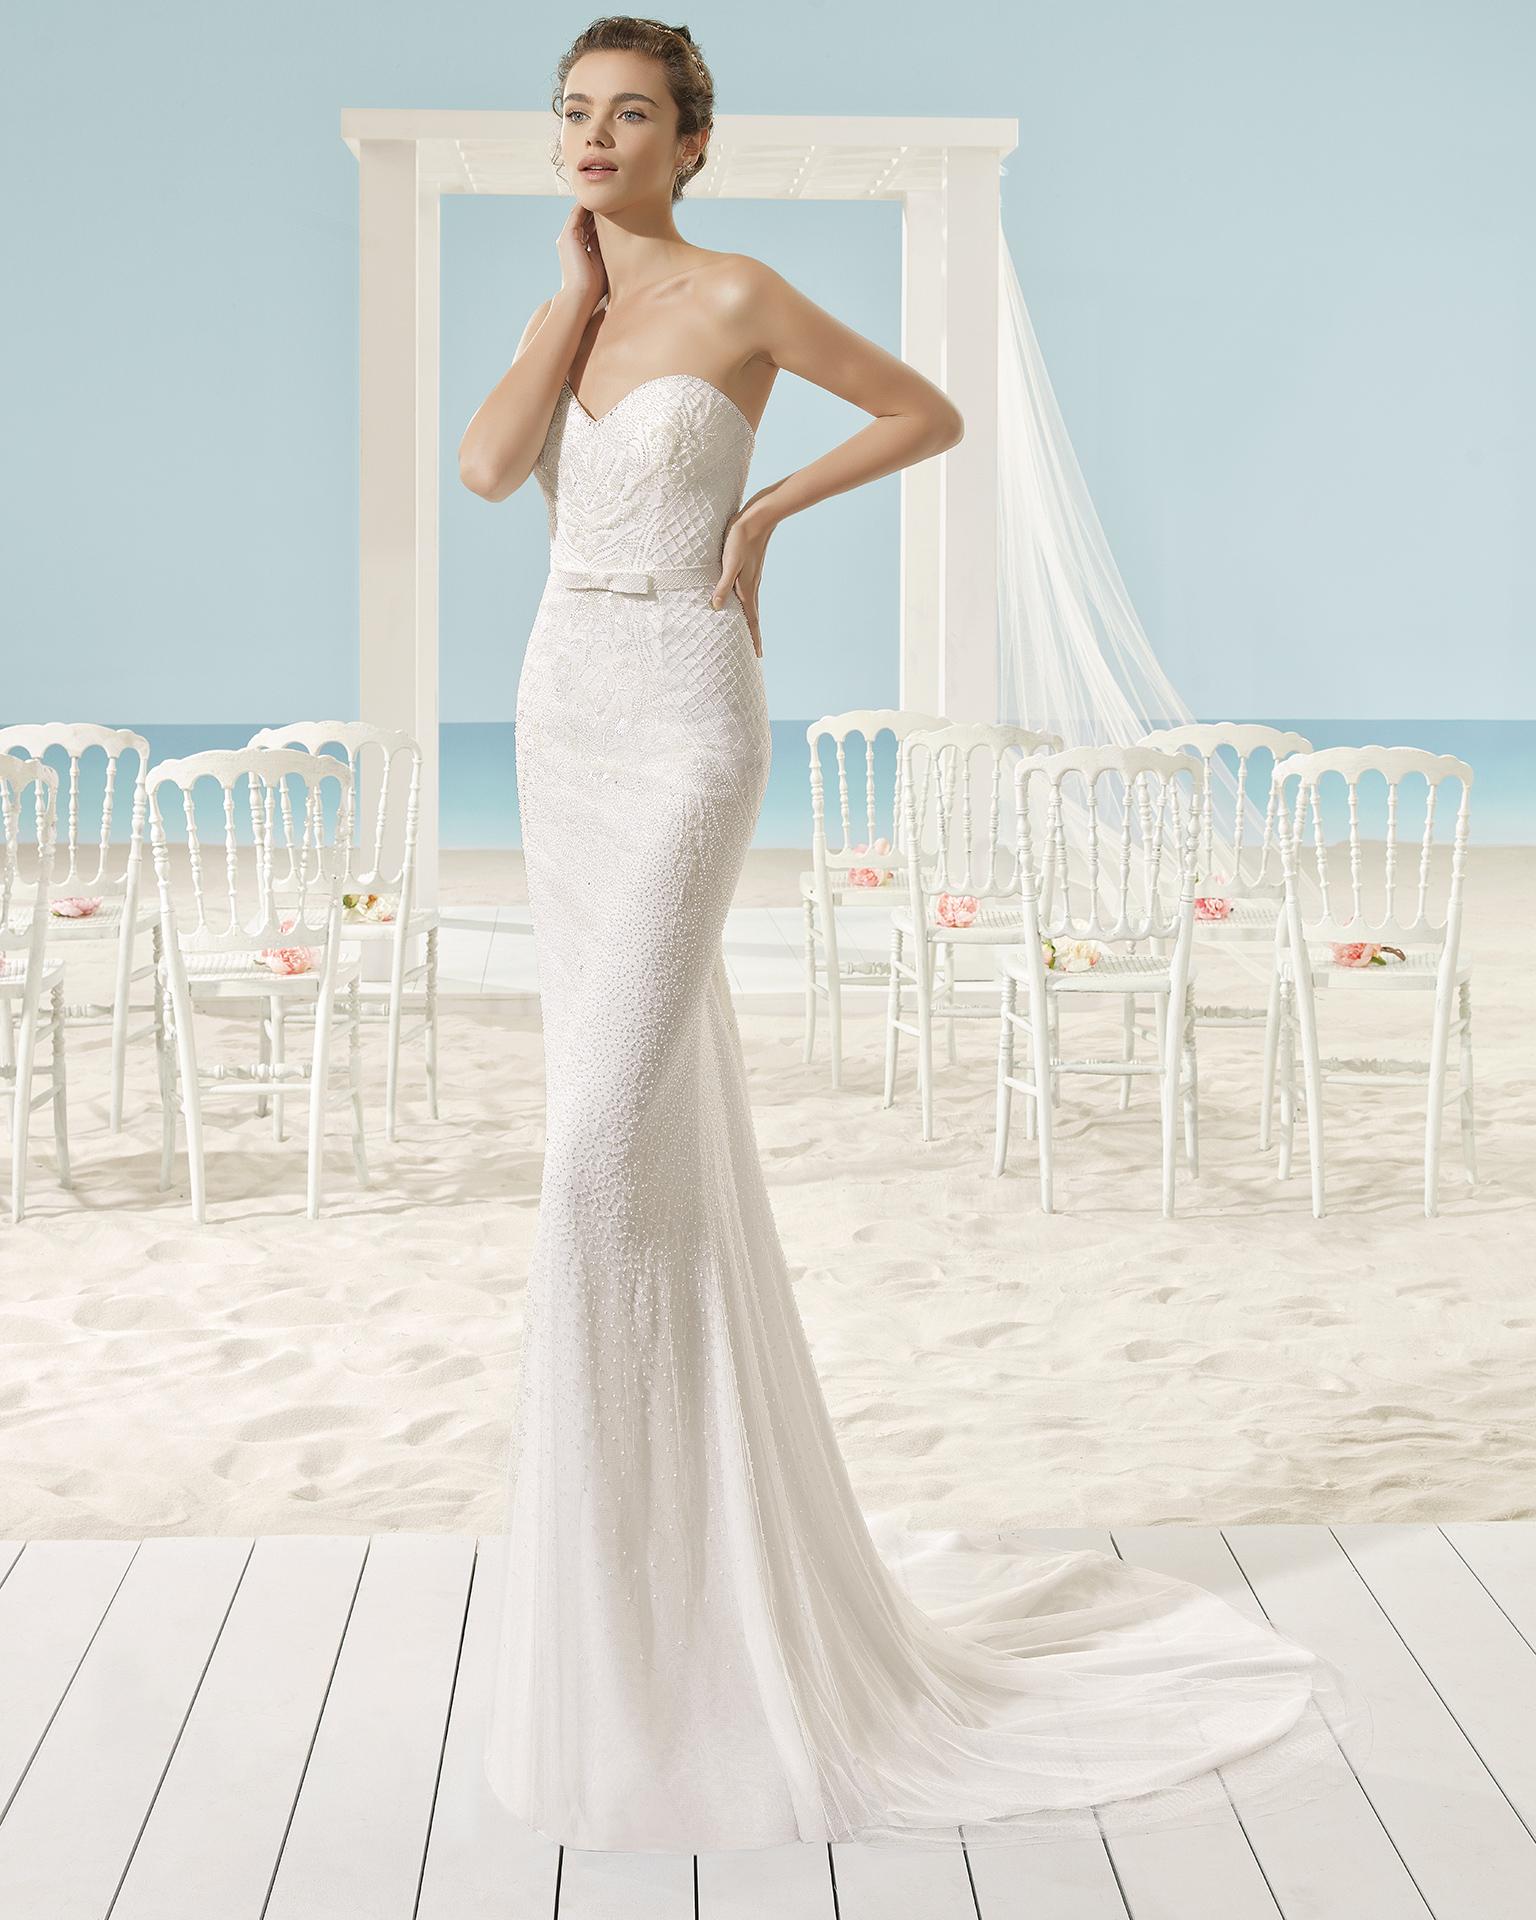 XANADU rochie de mireasă Aire Barcelona Beach Wedding 2017